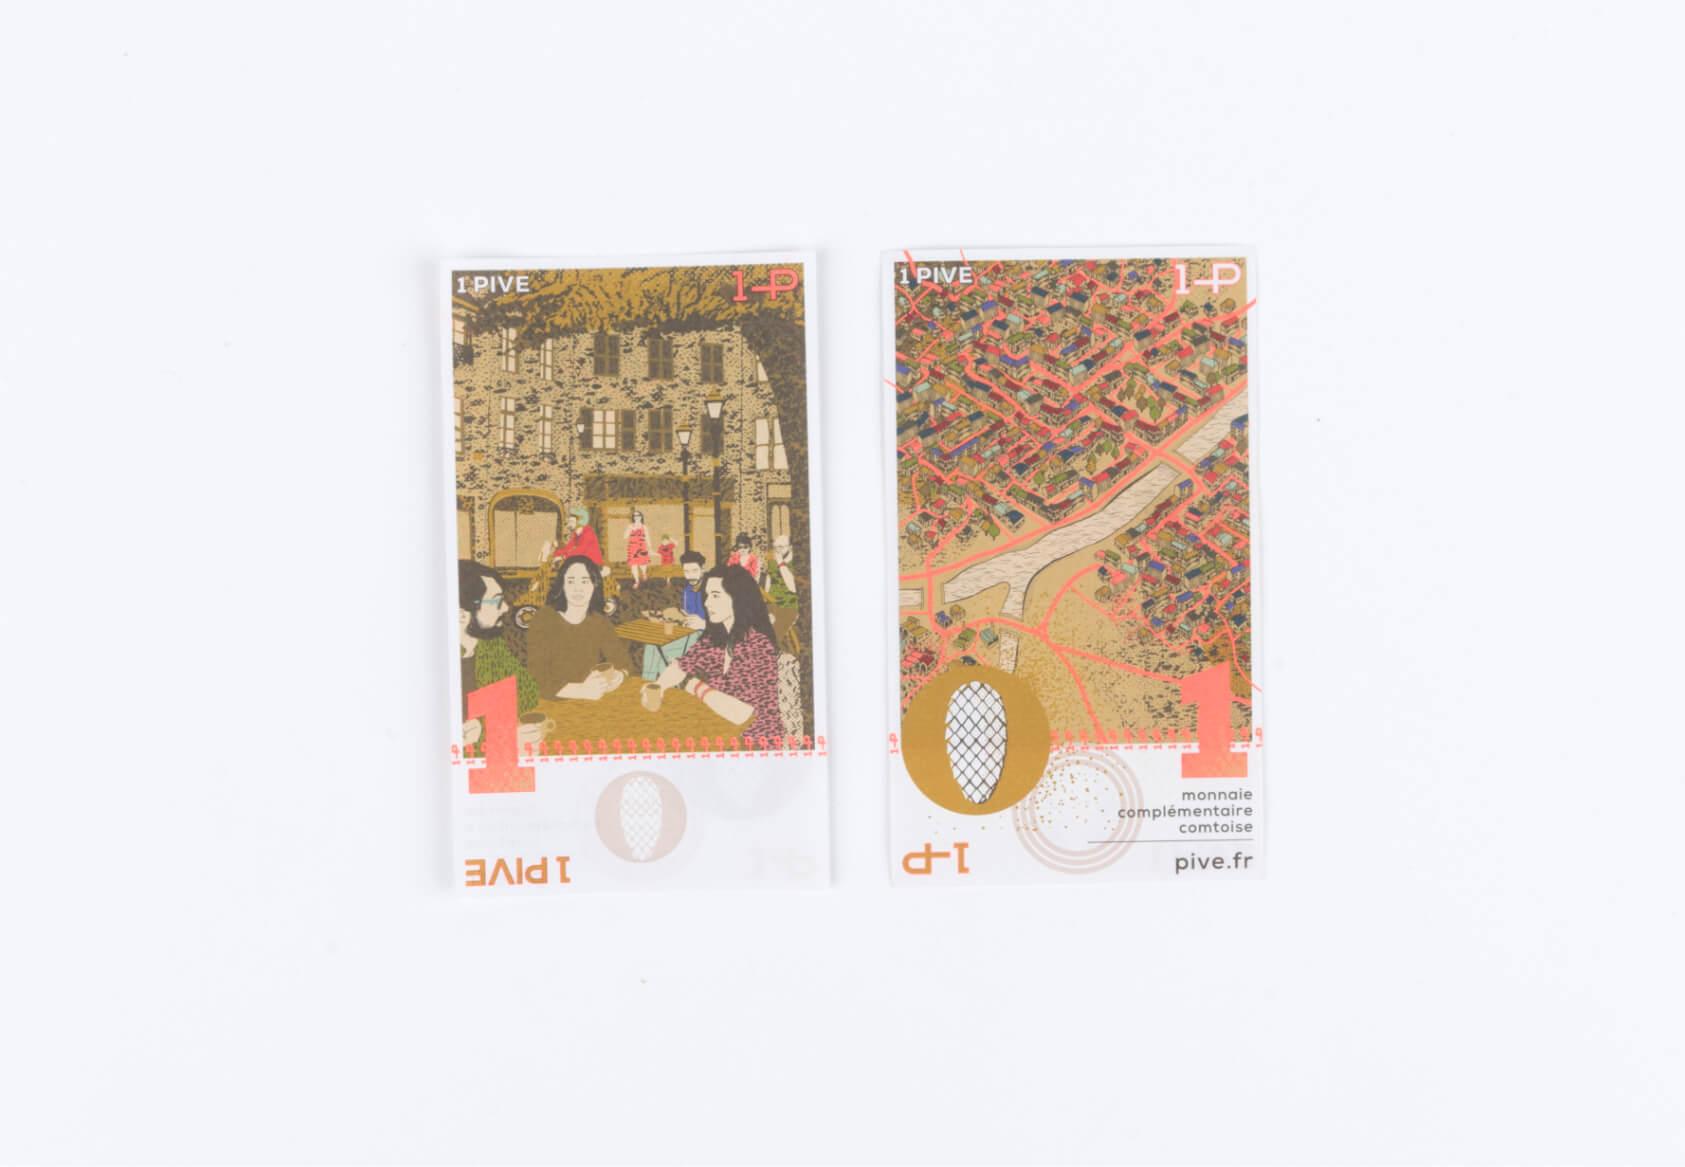 Design graphique de billets de 1 pive